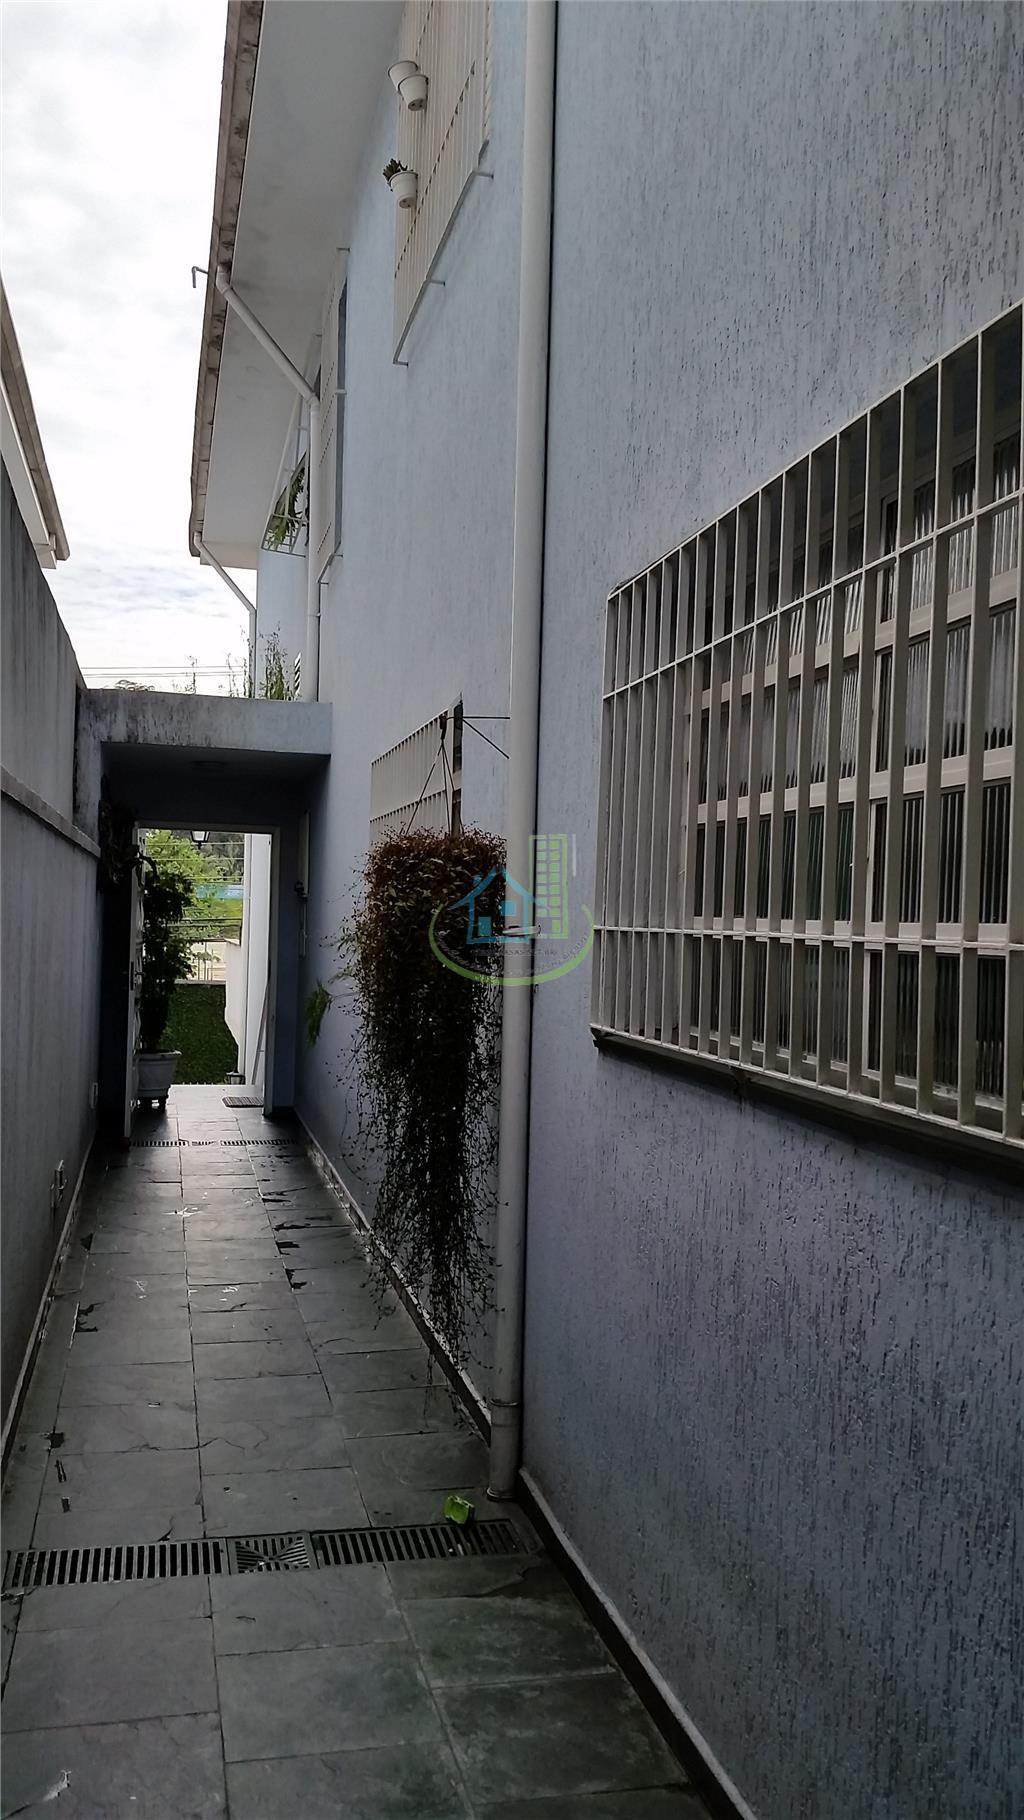 jardim prudencia aceita permuta por apartamentosobrado reformado, com claridade natural, living com lareira, com bar, e...